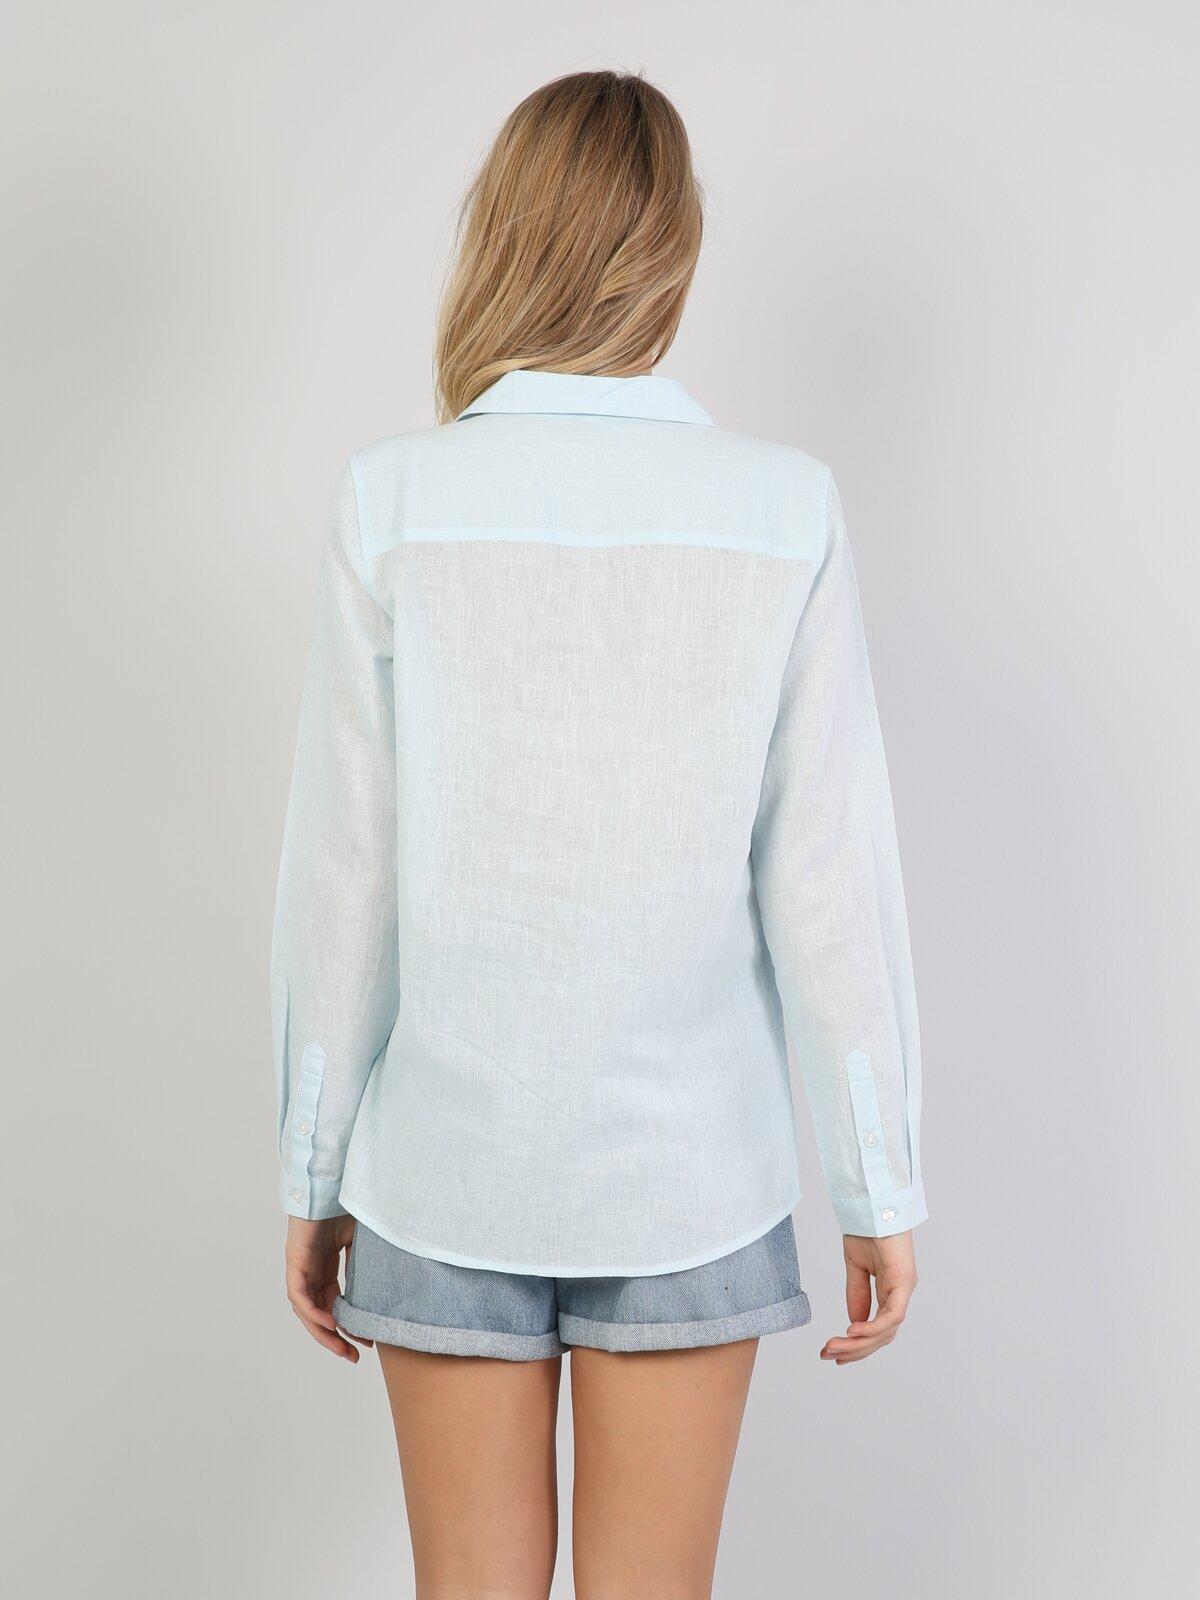 Regular Fit Shirt Neck Kadın Mint Yeşili Uzun Kol Gömlek